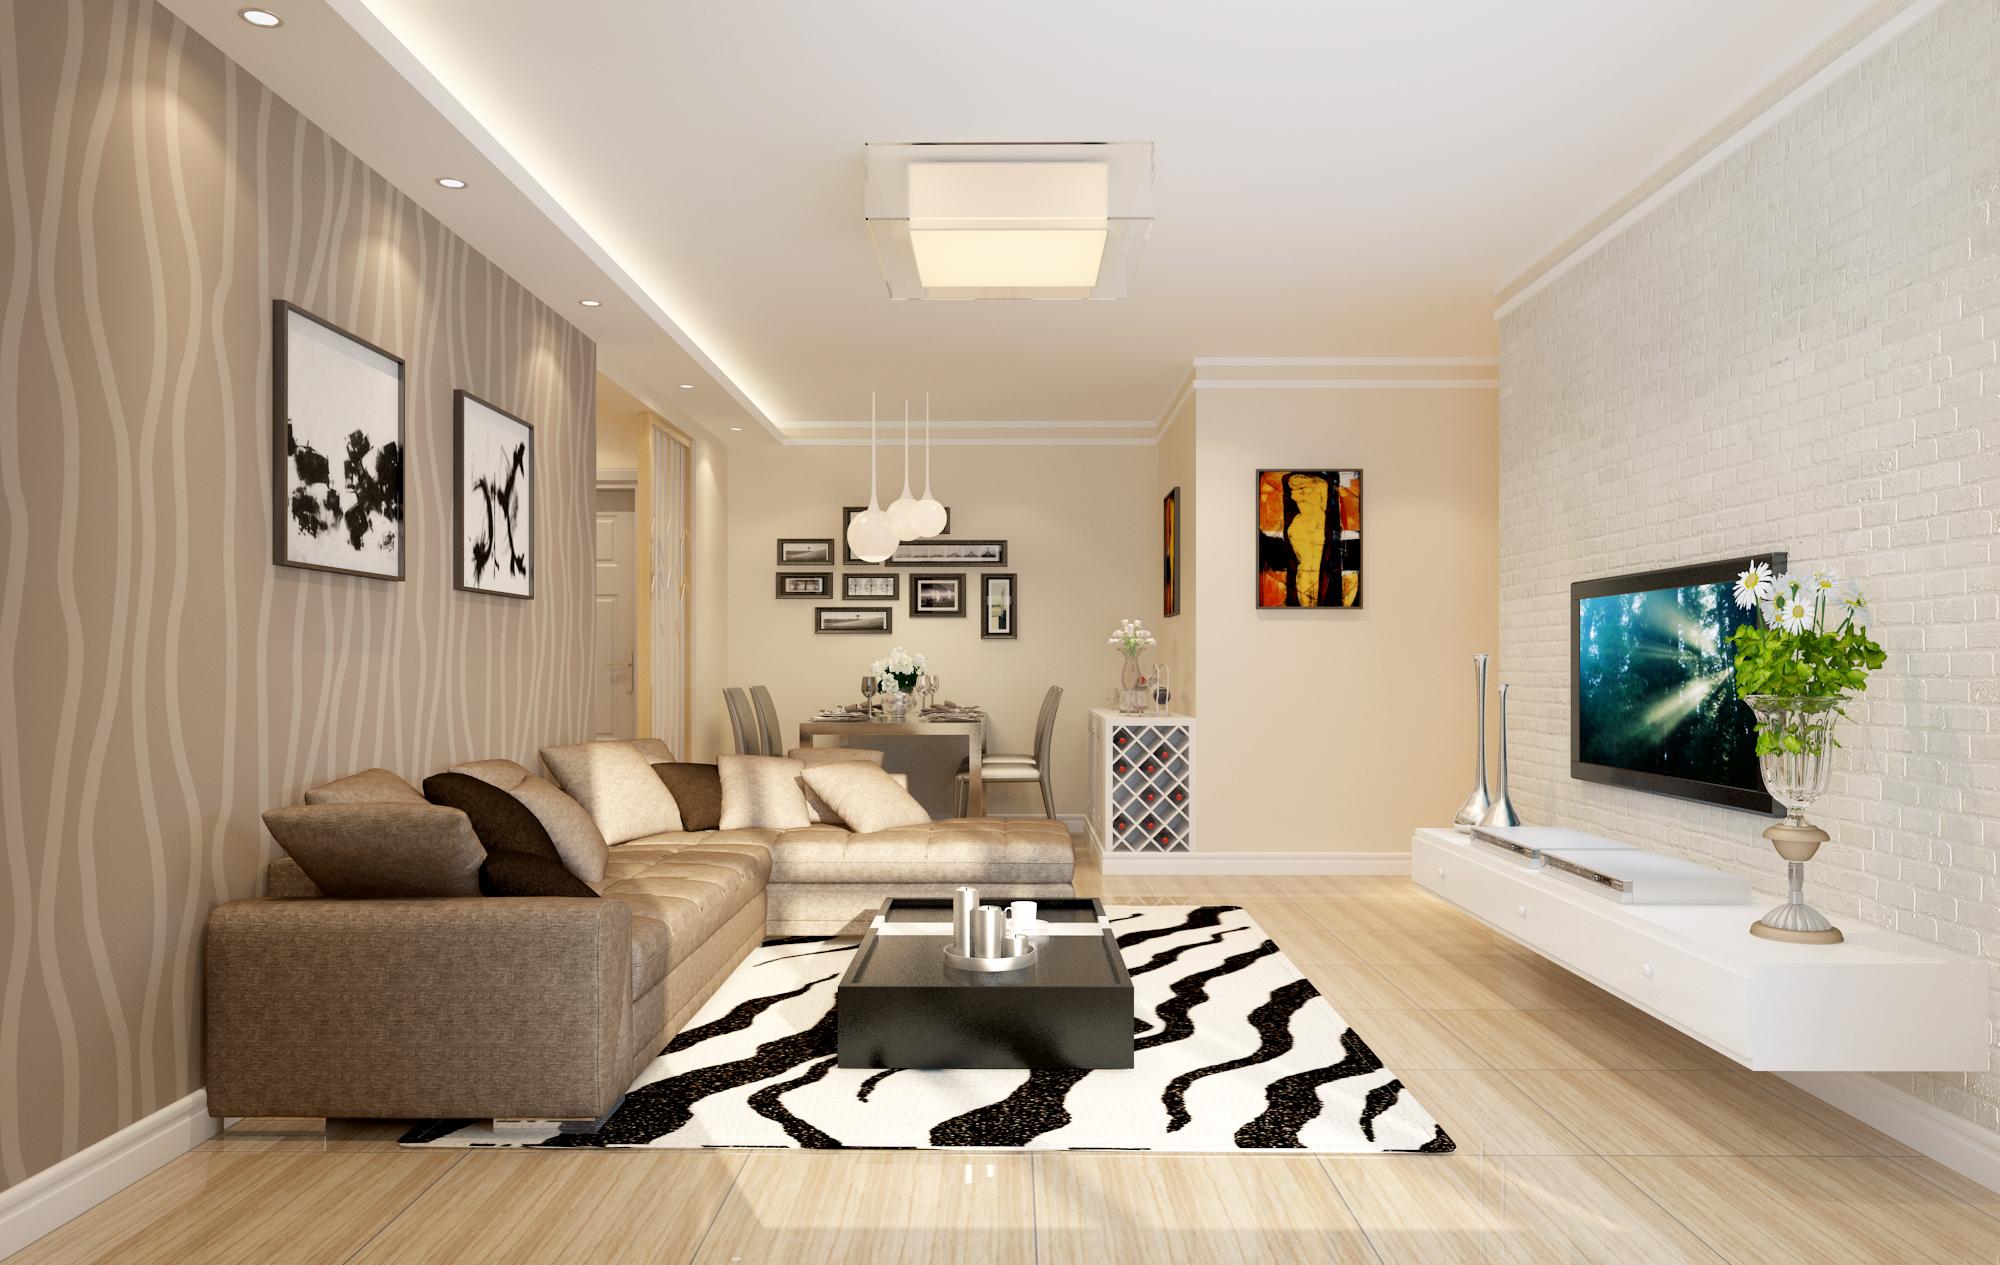 简约 现代 二居 80后 客厅图片来自林上淮·圣奇凯尚装饰在国风美唐简约风的分享